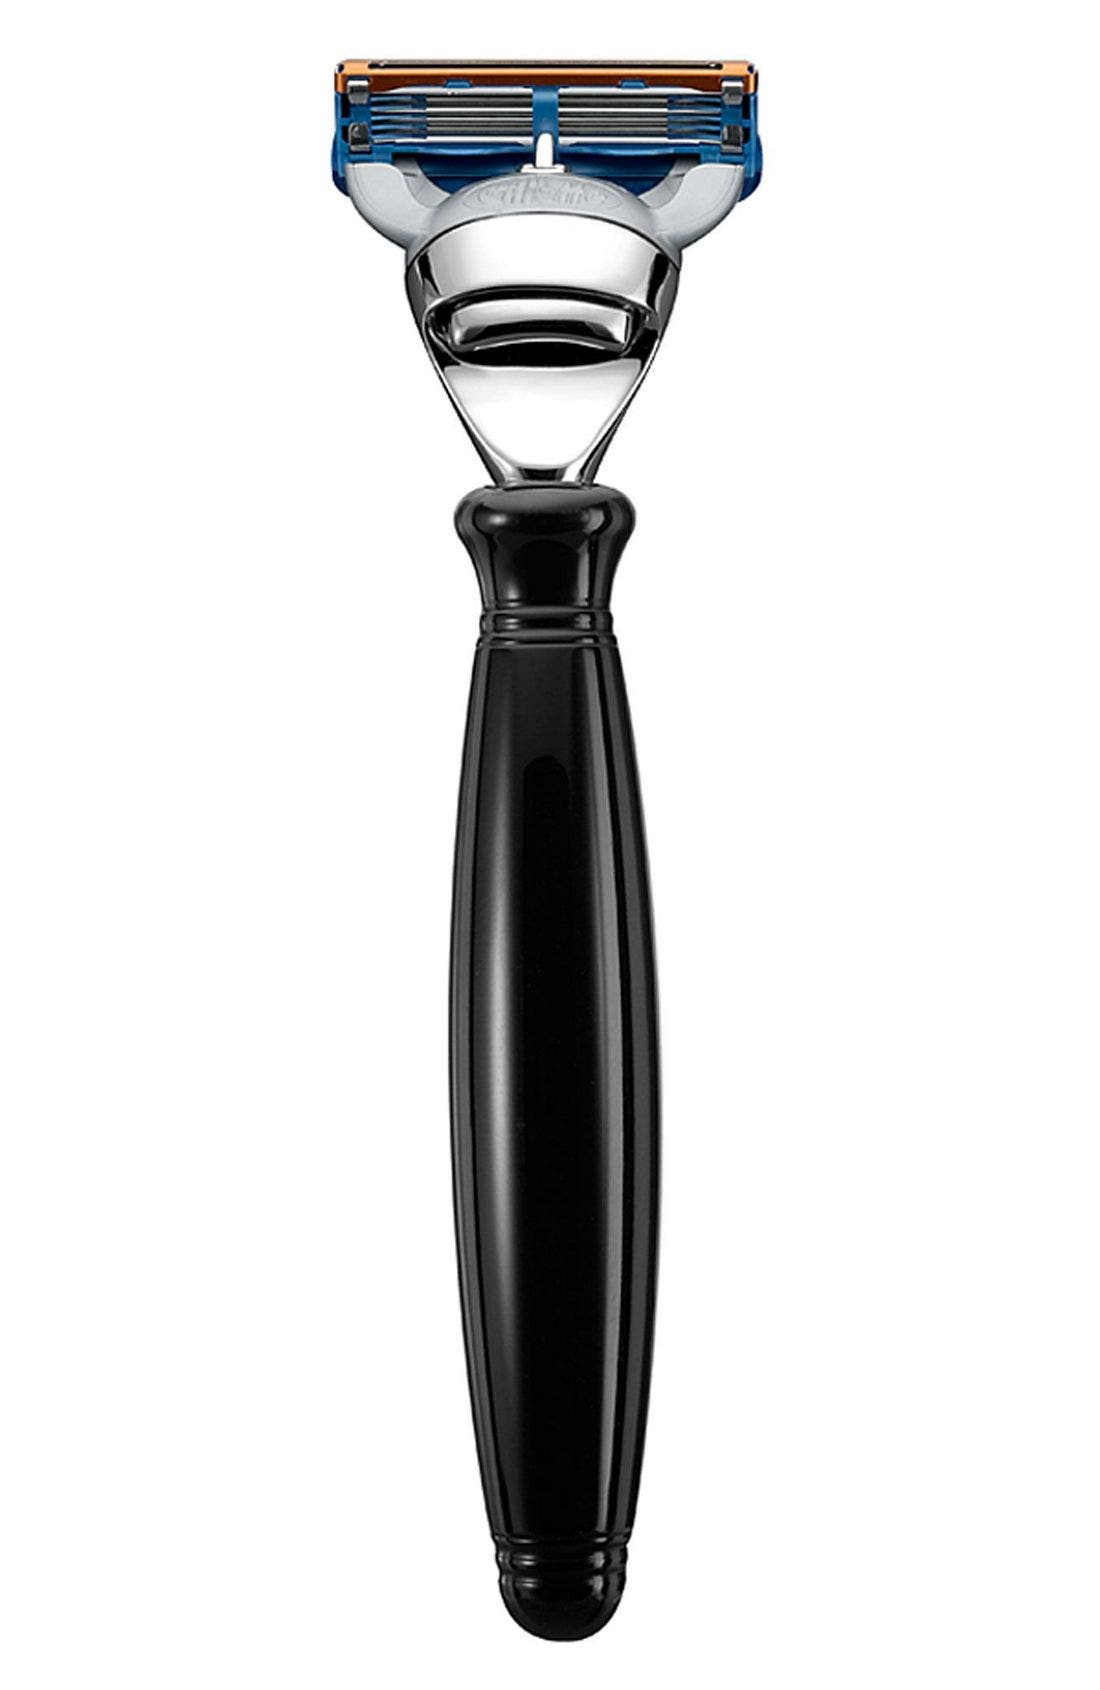 The Art of Shaving® Fusion™ Black Nickel Razor